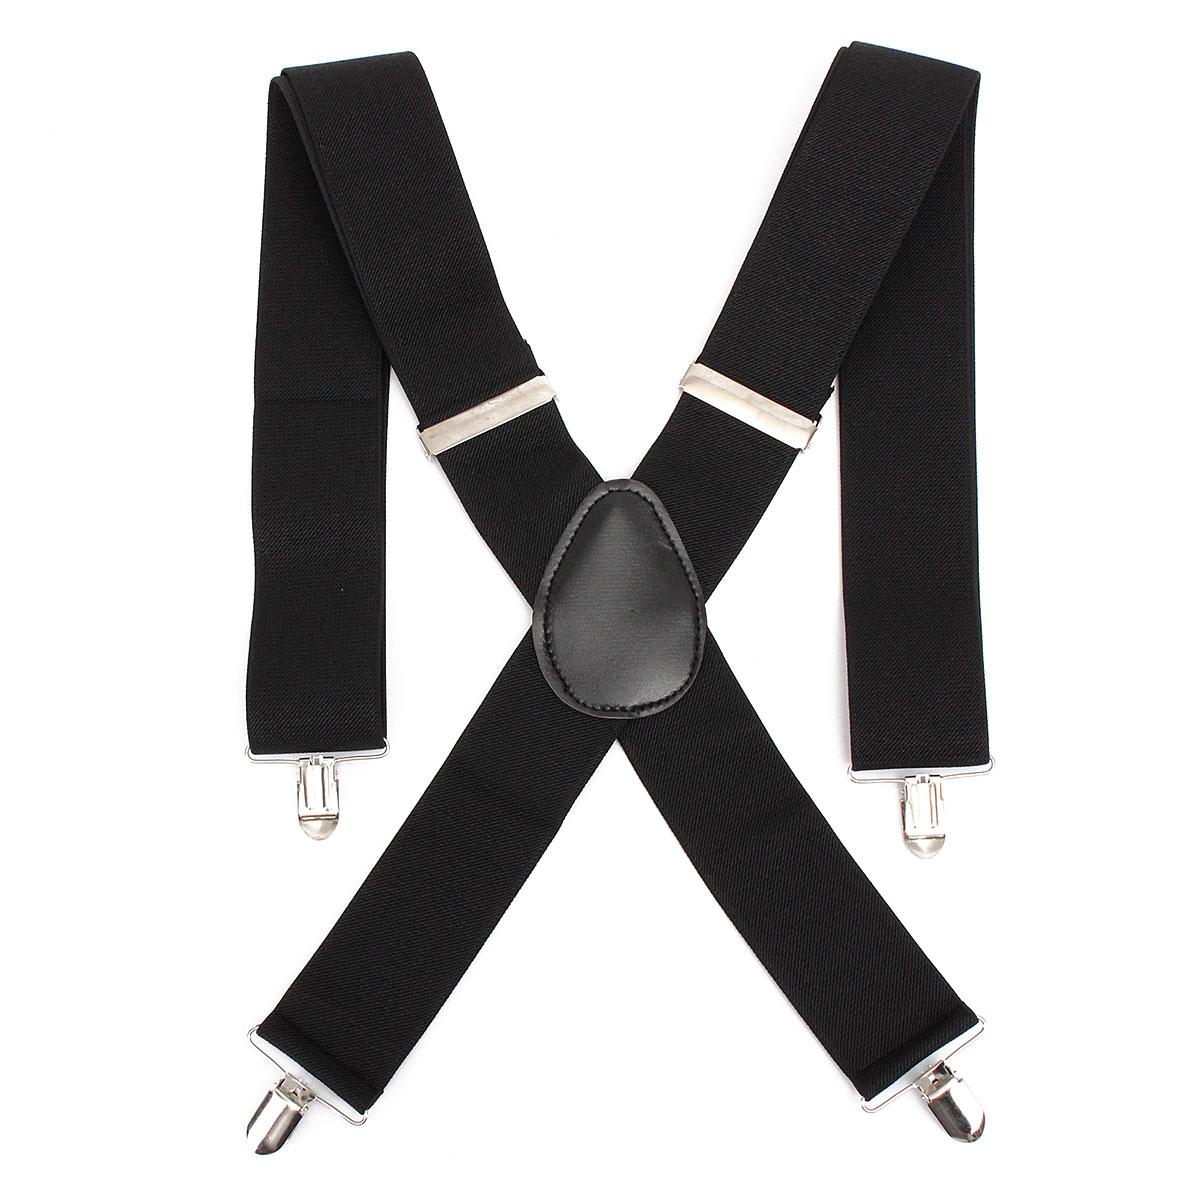 Adjustable Elastic Nylon Leather Men Suspender Straps X Shape Clip-on Men's Suspenders 4 Clip Pants Braces For Male Belt Straps